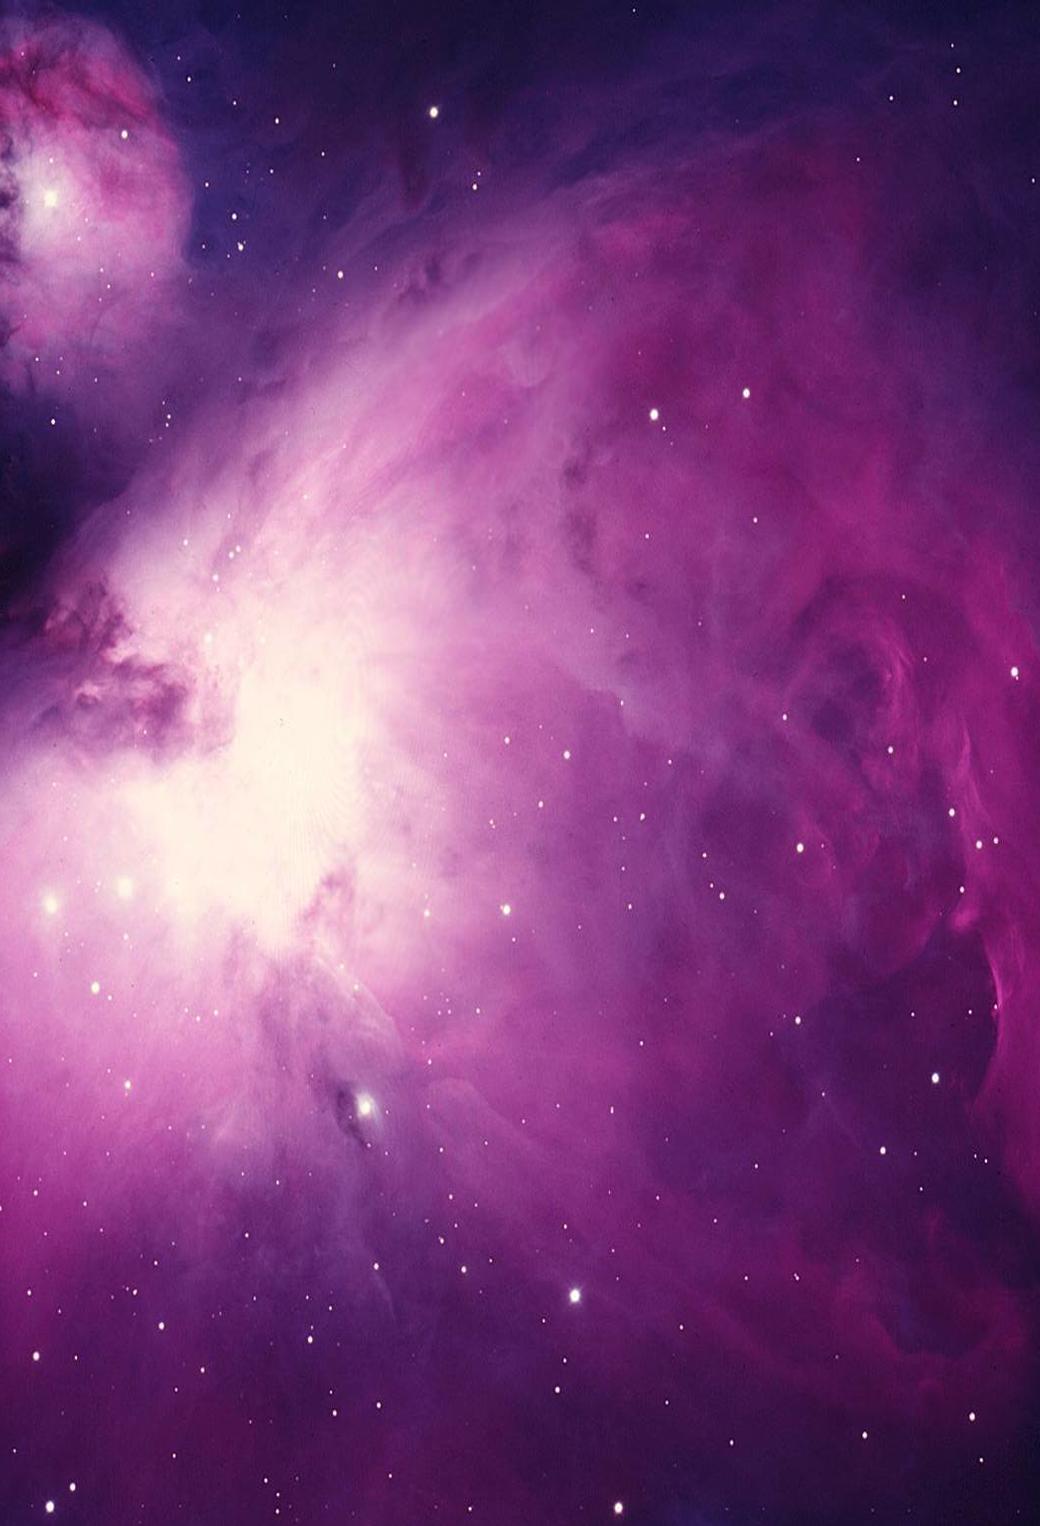 ios 7 nebula wallpaper hd - photo #17